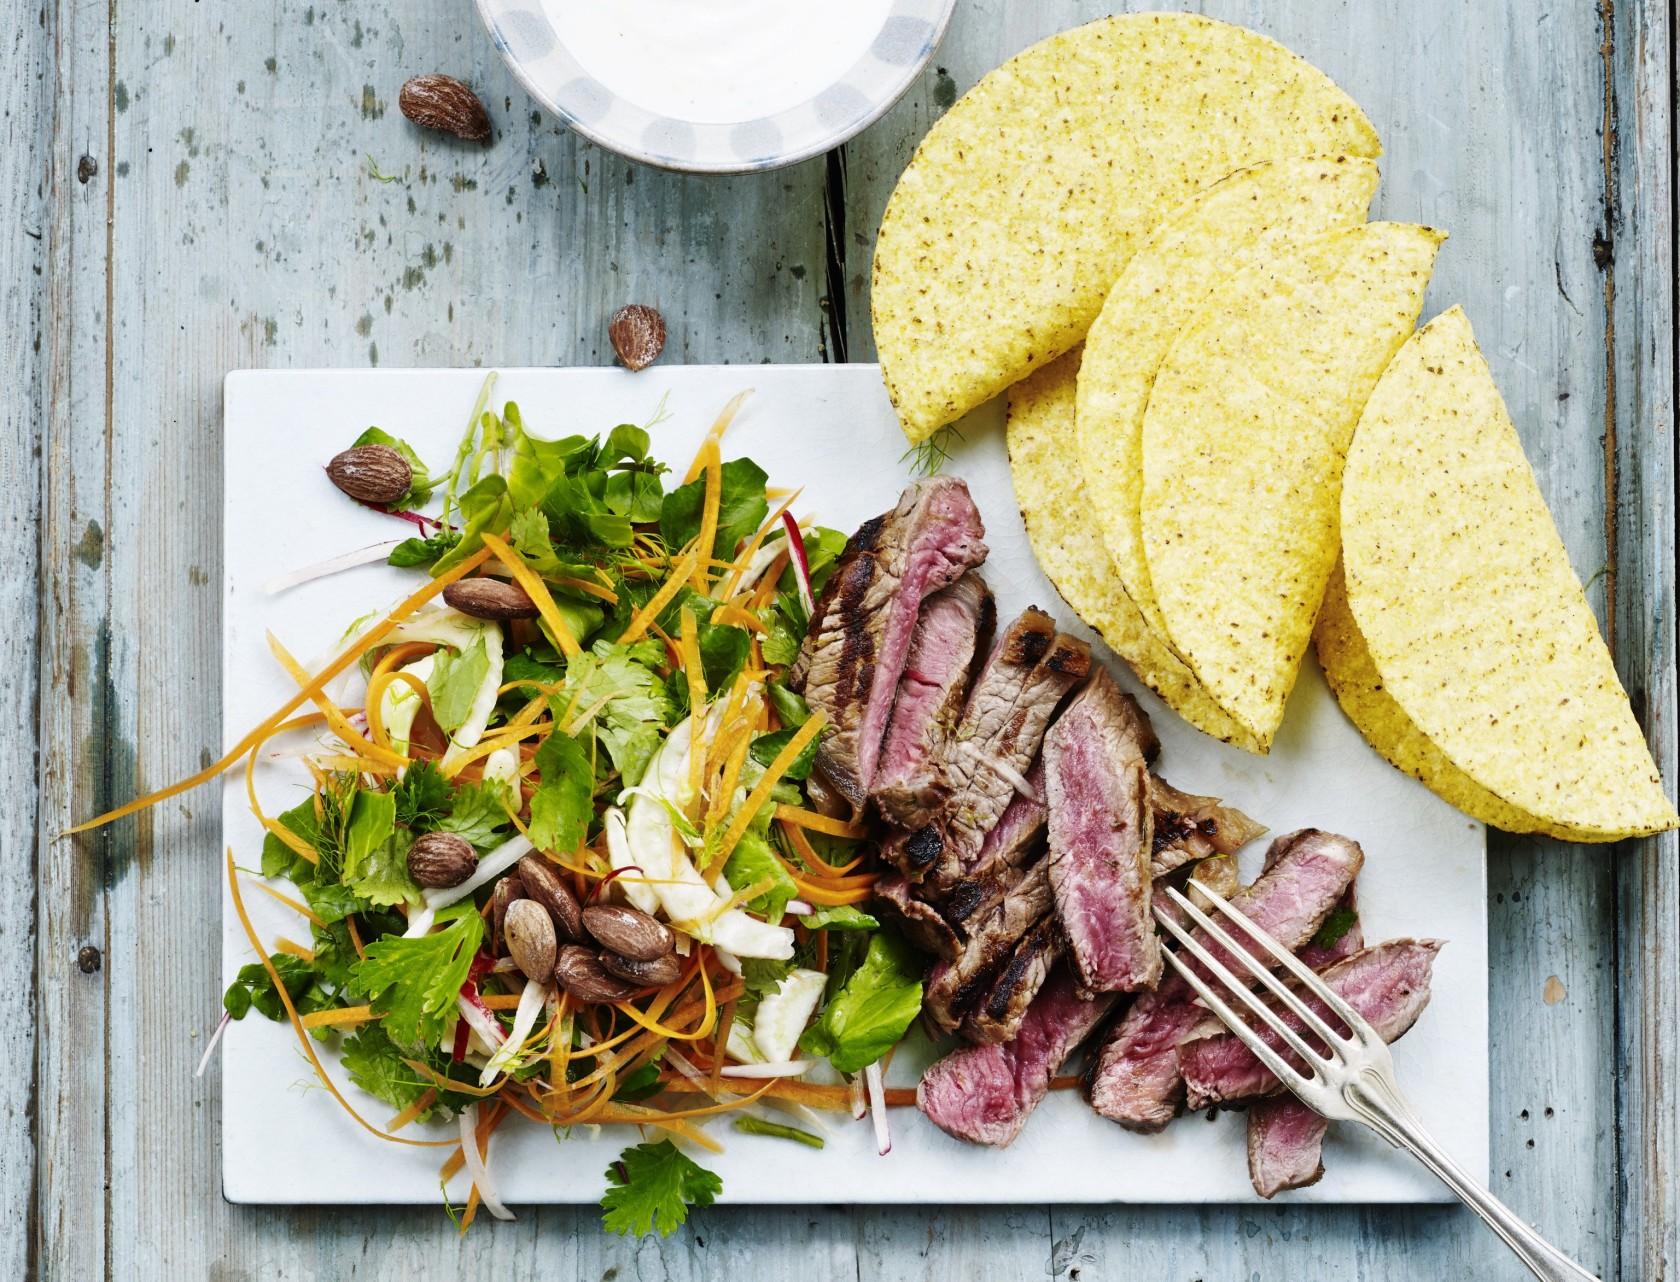 Tacos med steak og sprød salat - virkelig lækker opskrift!